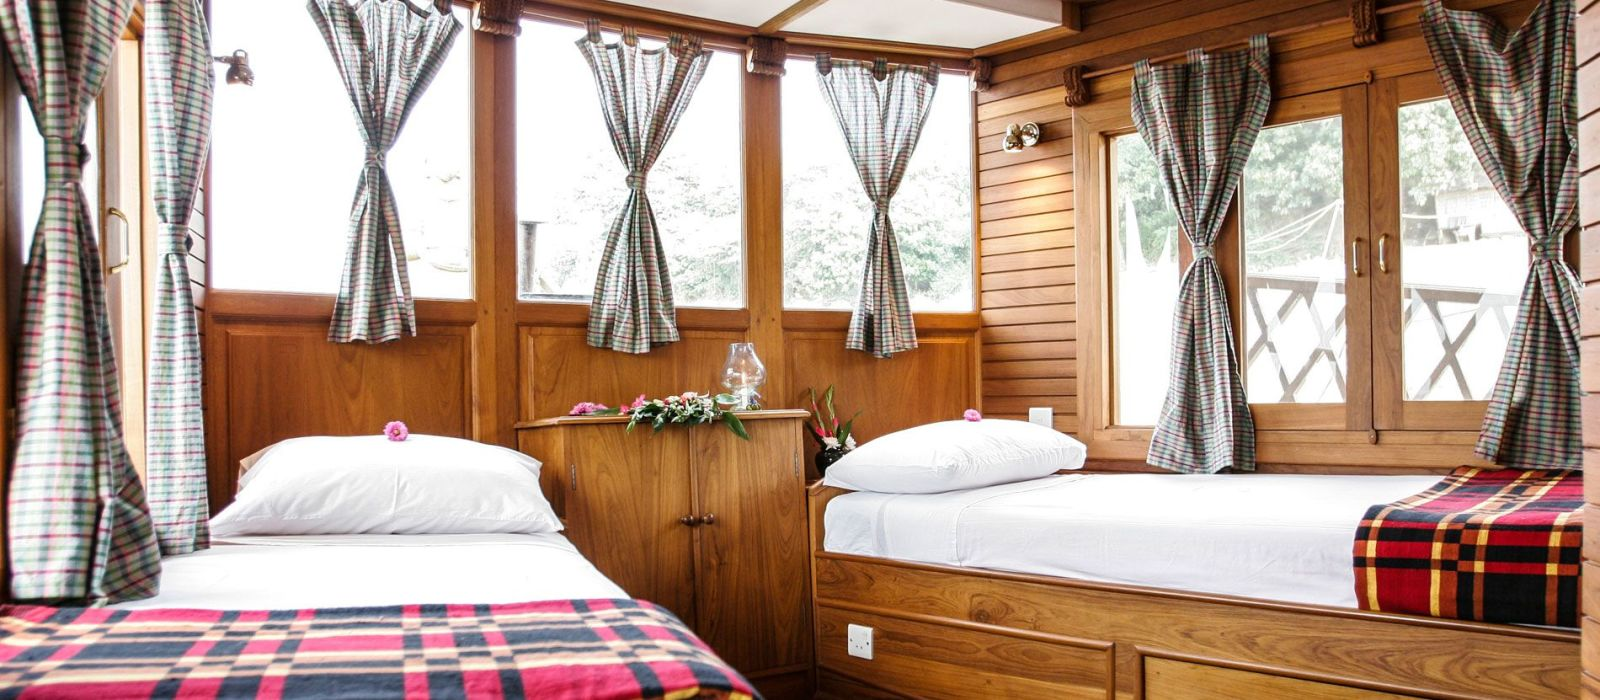 Hotel Amara Cruise – Bagan Myanmar